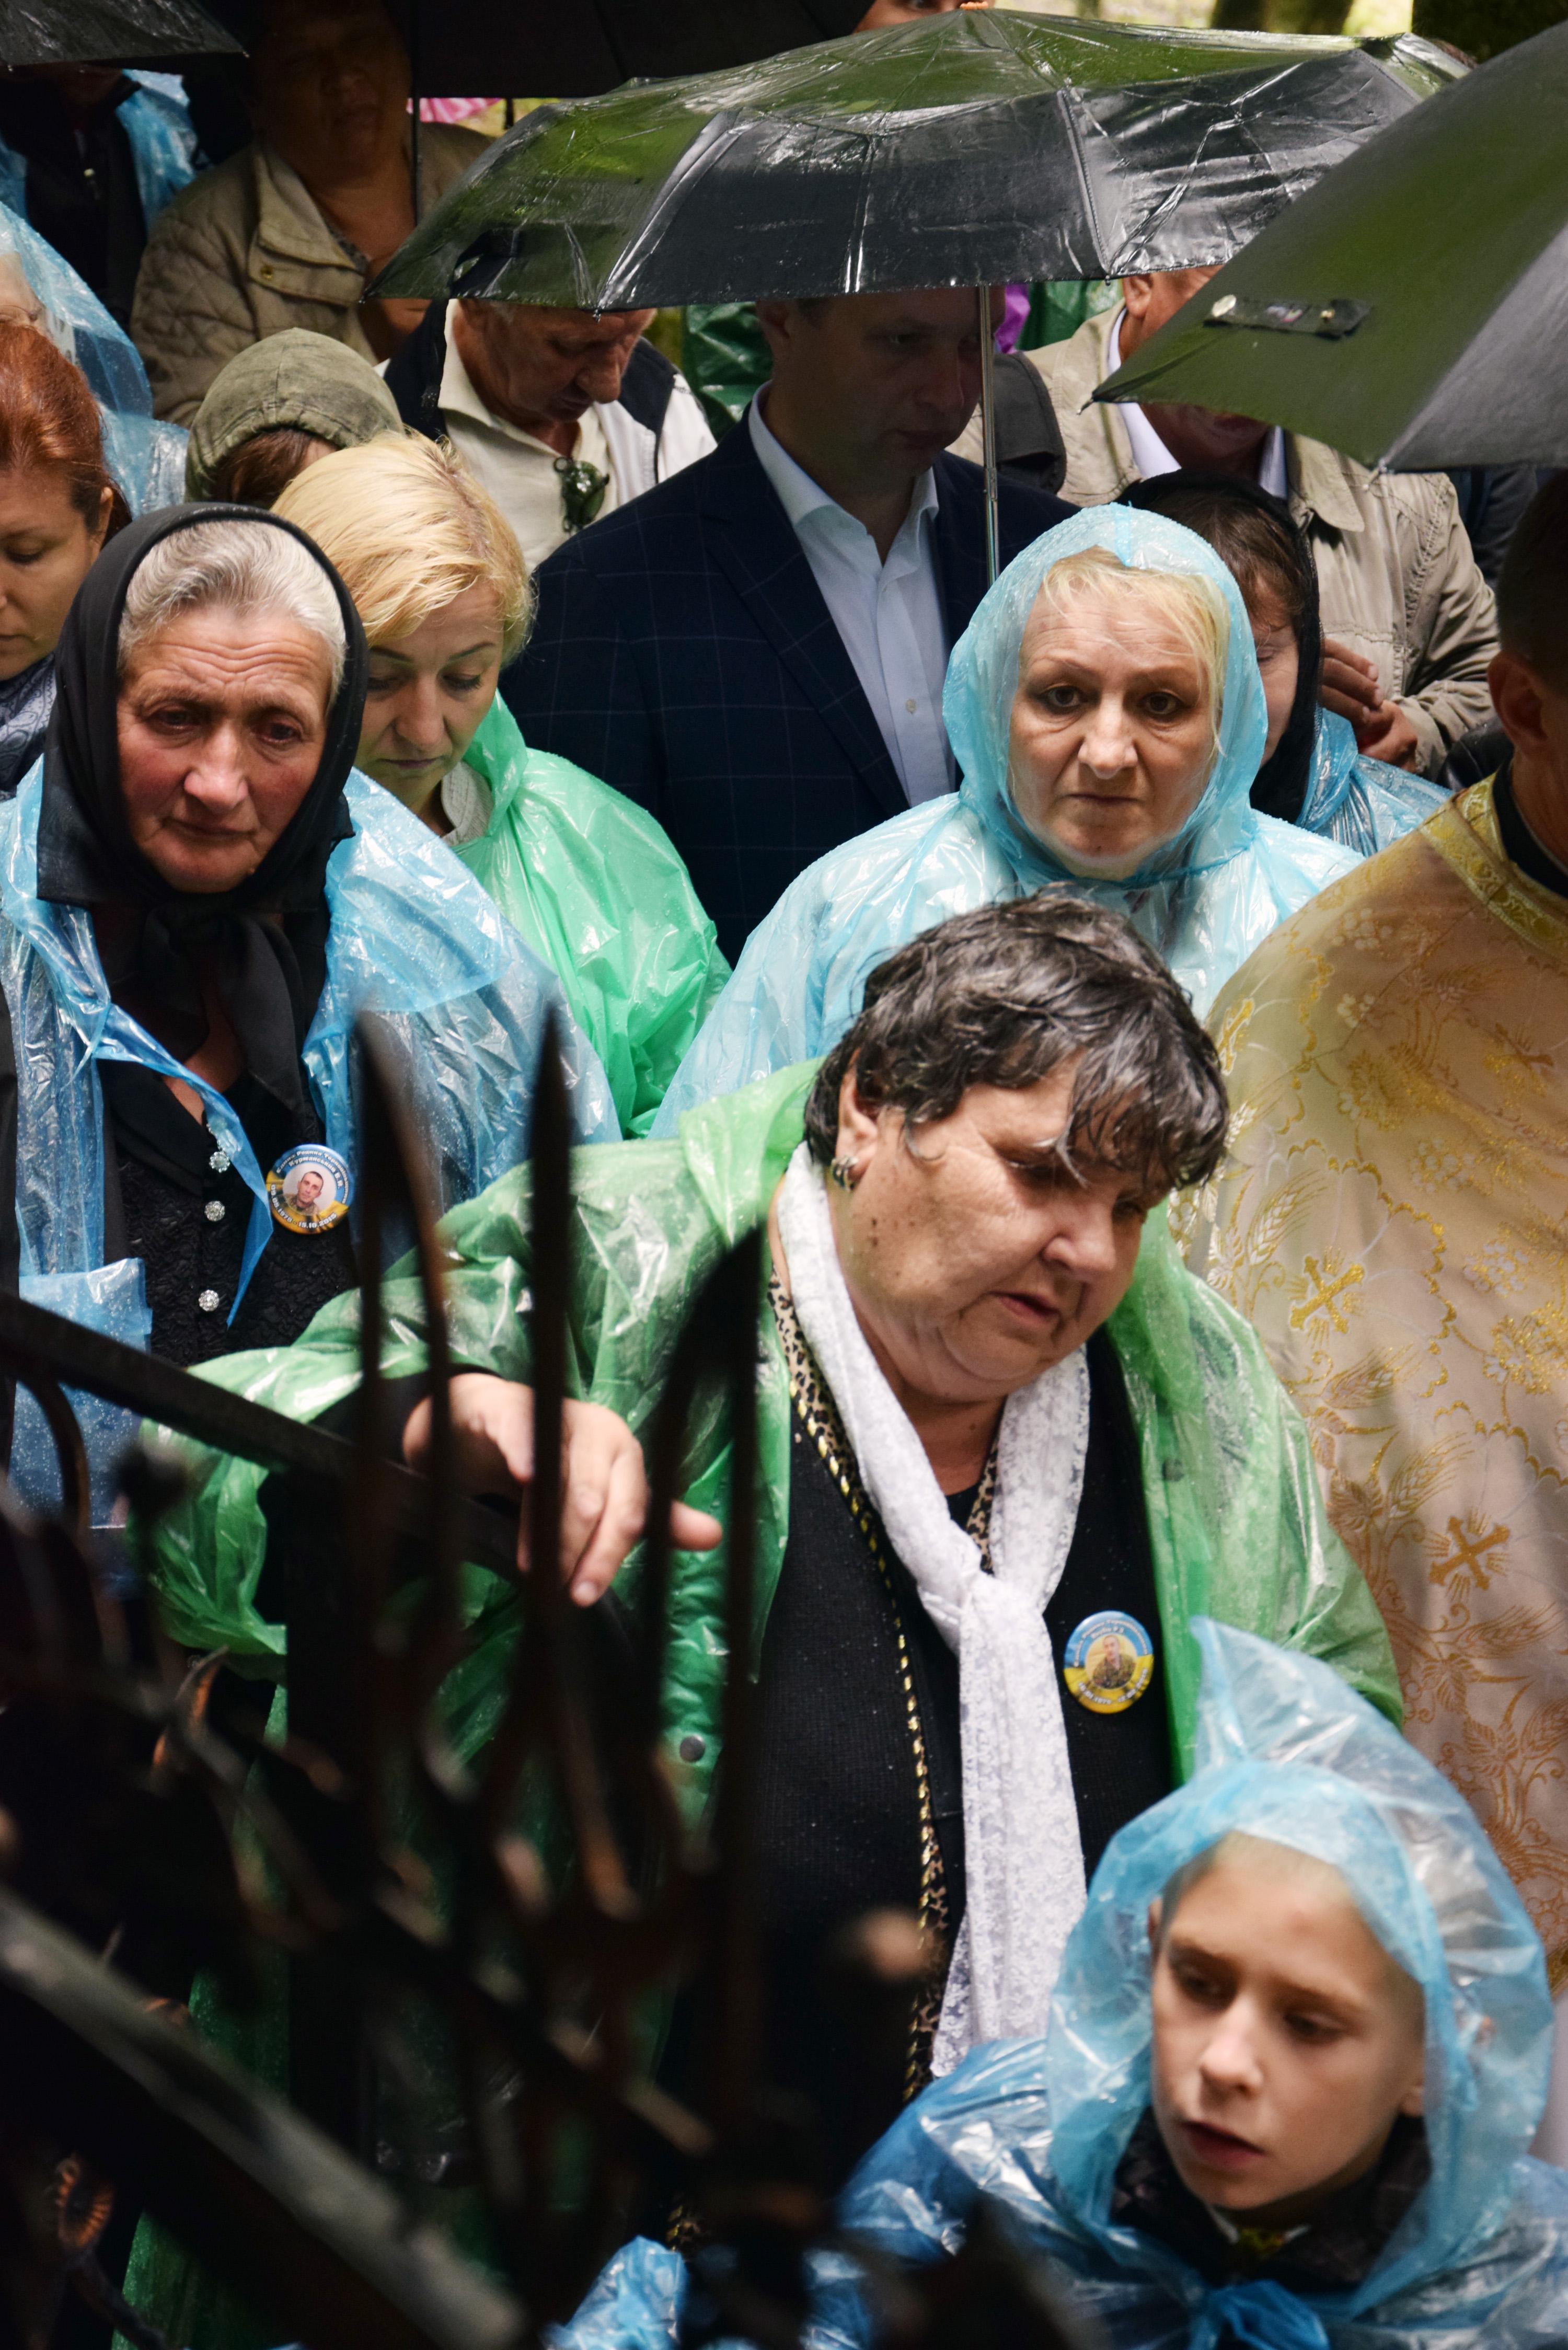 Серед прочан були також матері та рідні Героїв Небесної Сотні й загиблих оборонців української землі на сході країни. Фото автора